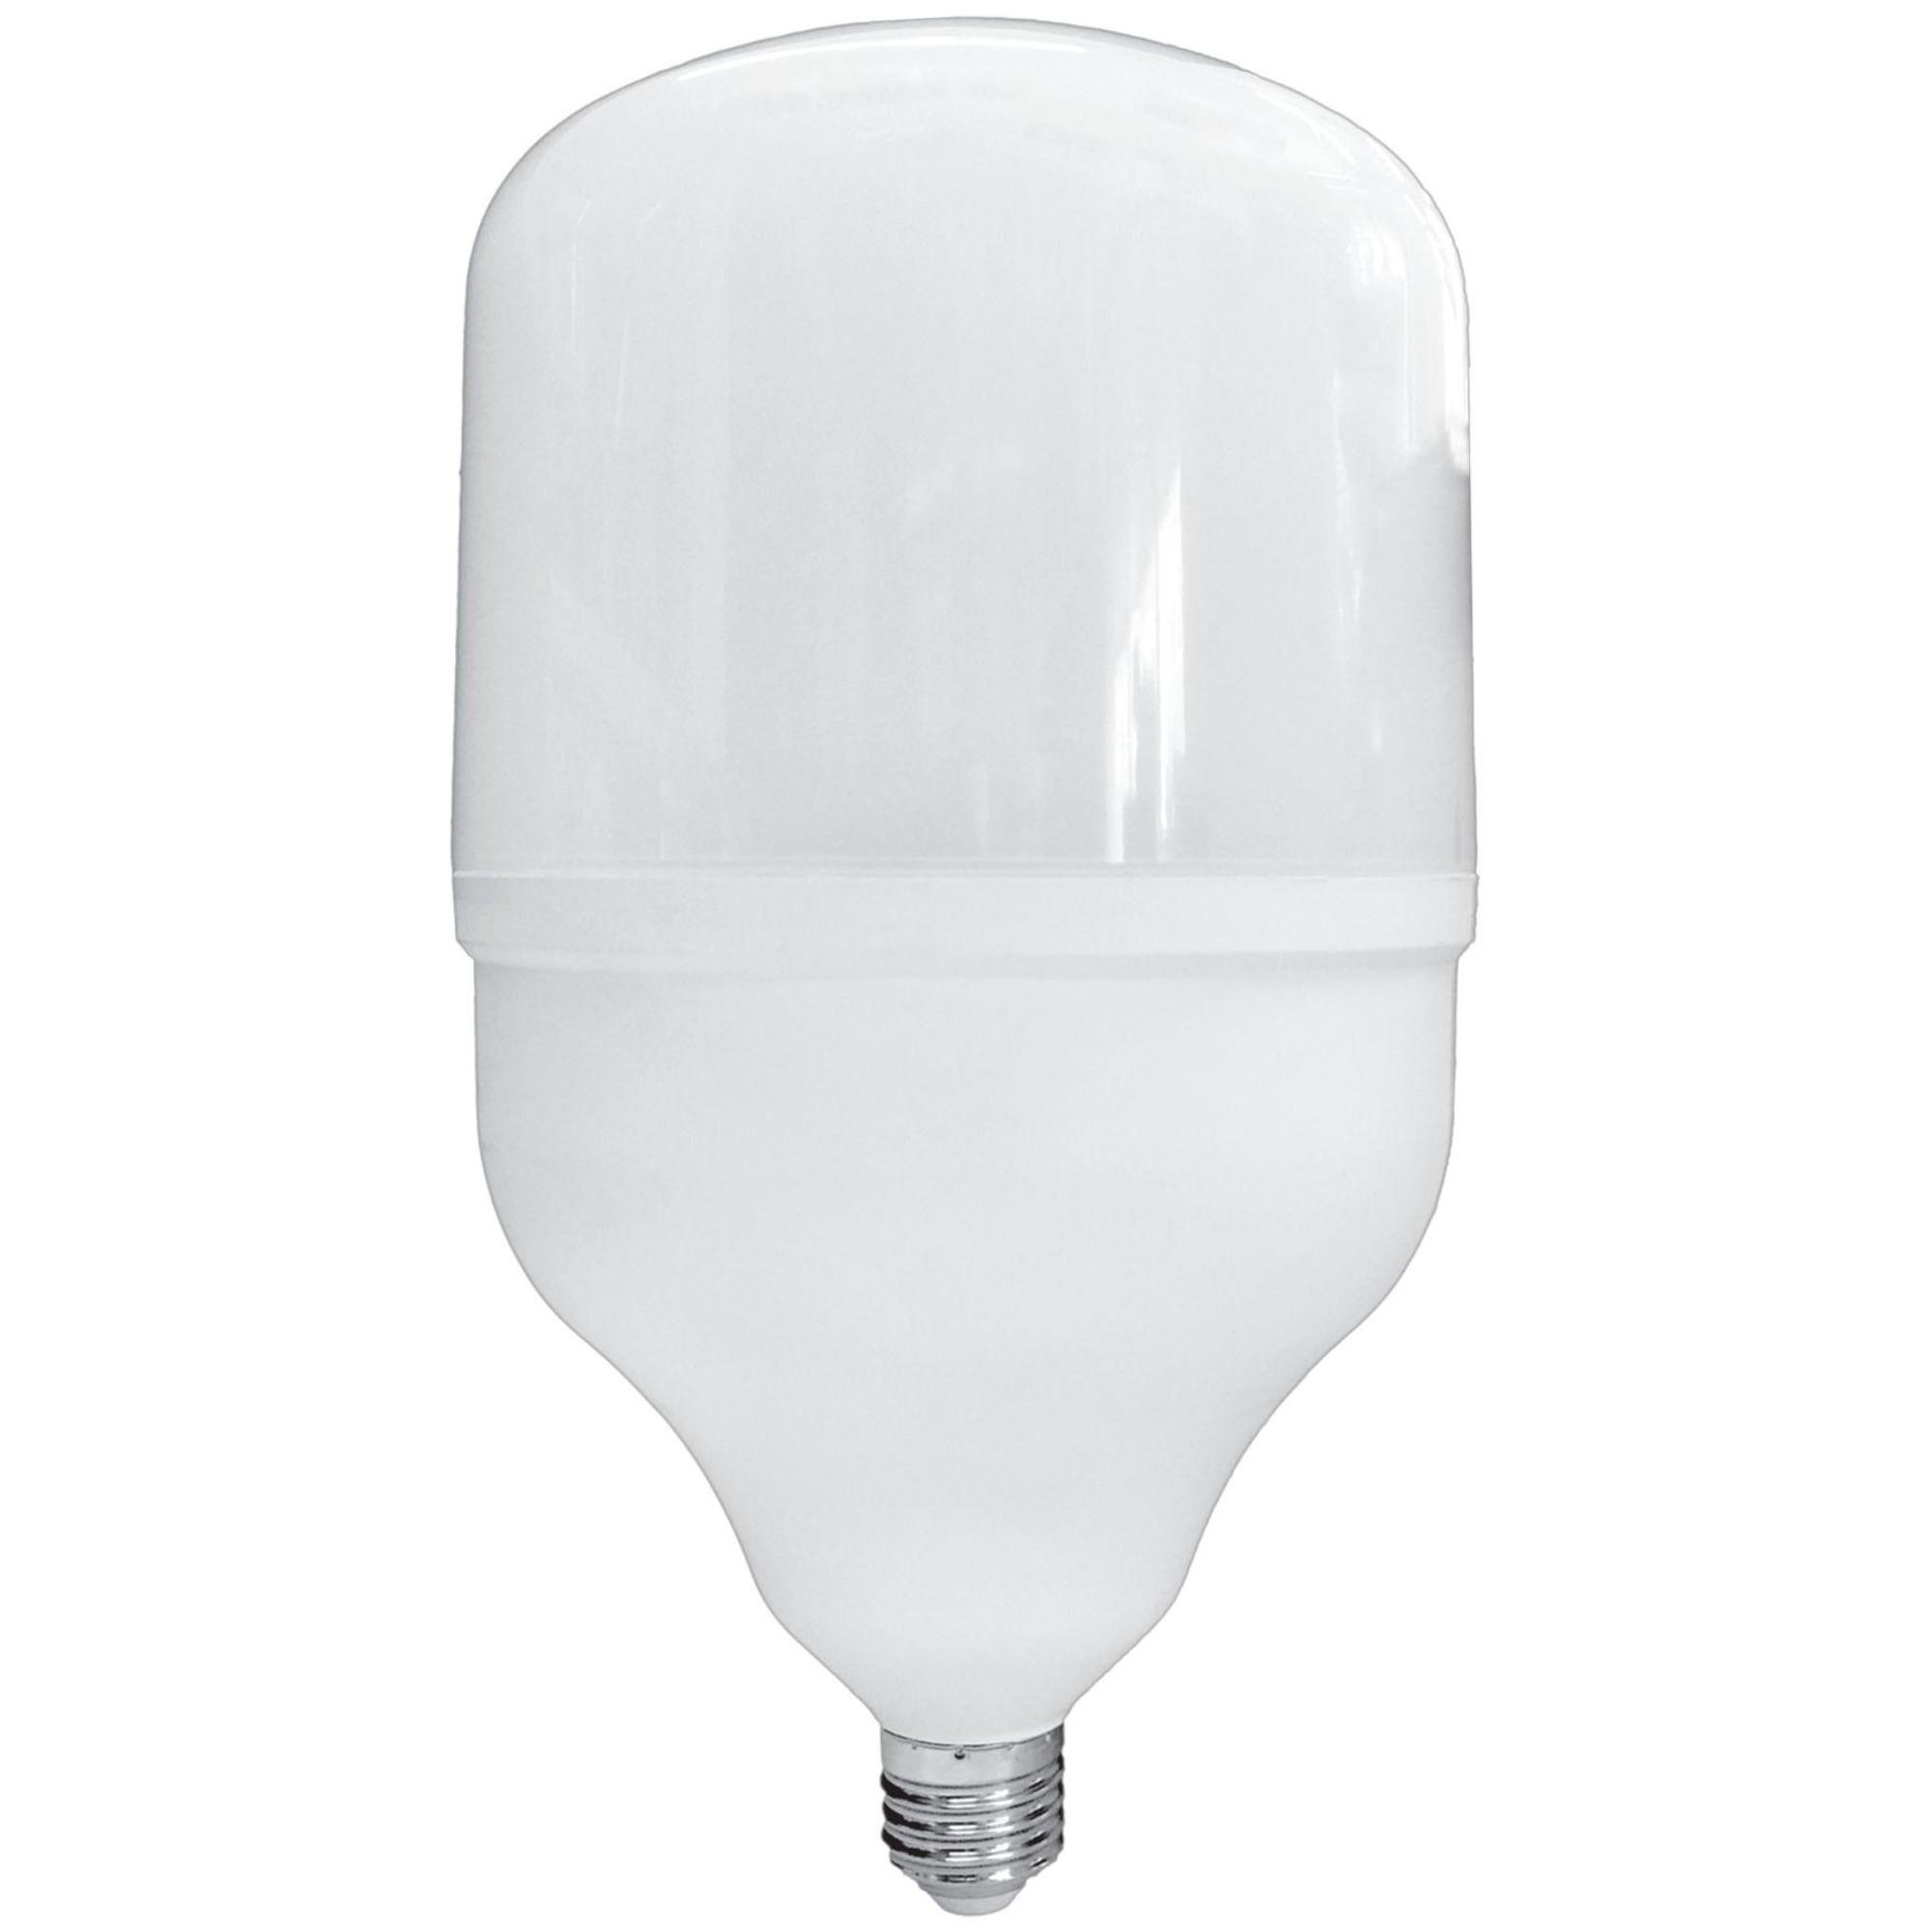 Лампа Ecola Premium светодионая E27 65 Вт 5850 Лм холодный свет